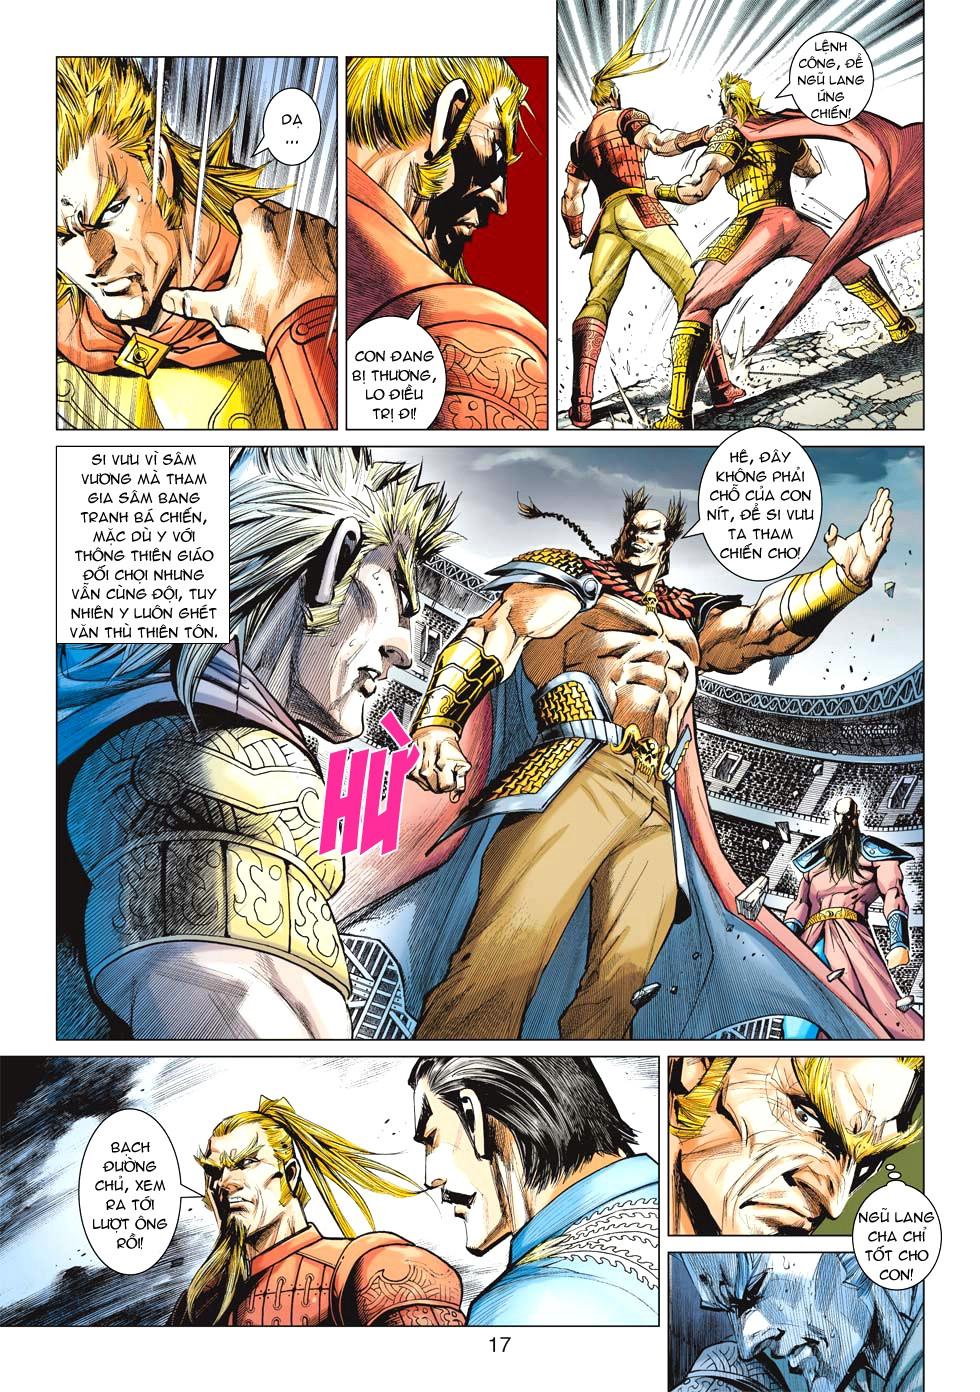 Vương Phong Lôi 1 chap 27 - Trang 16